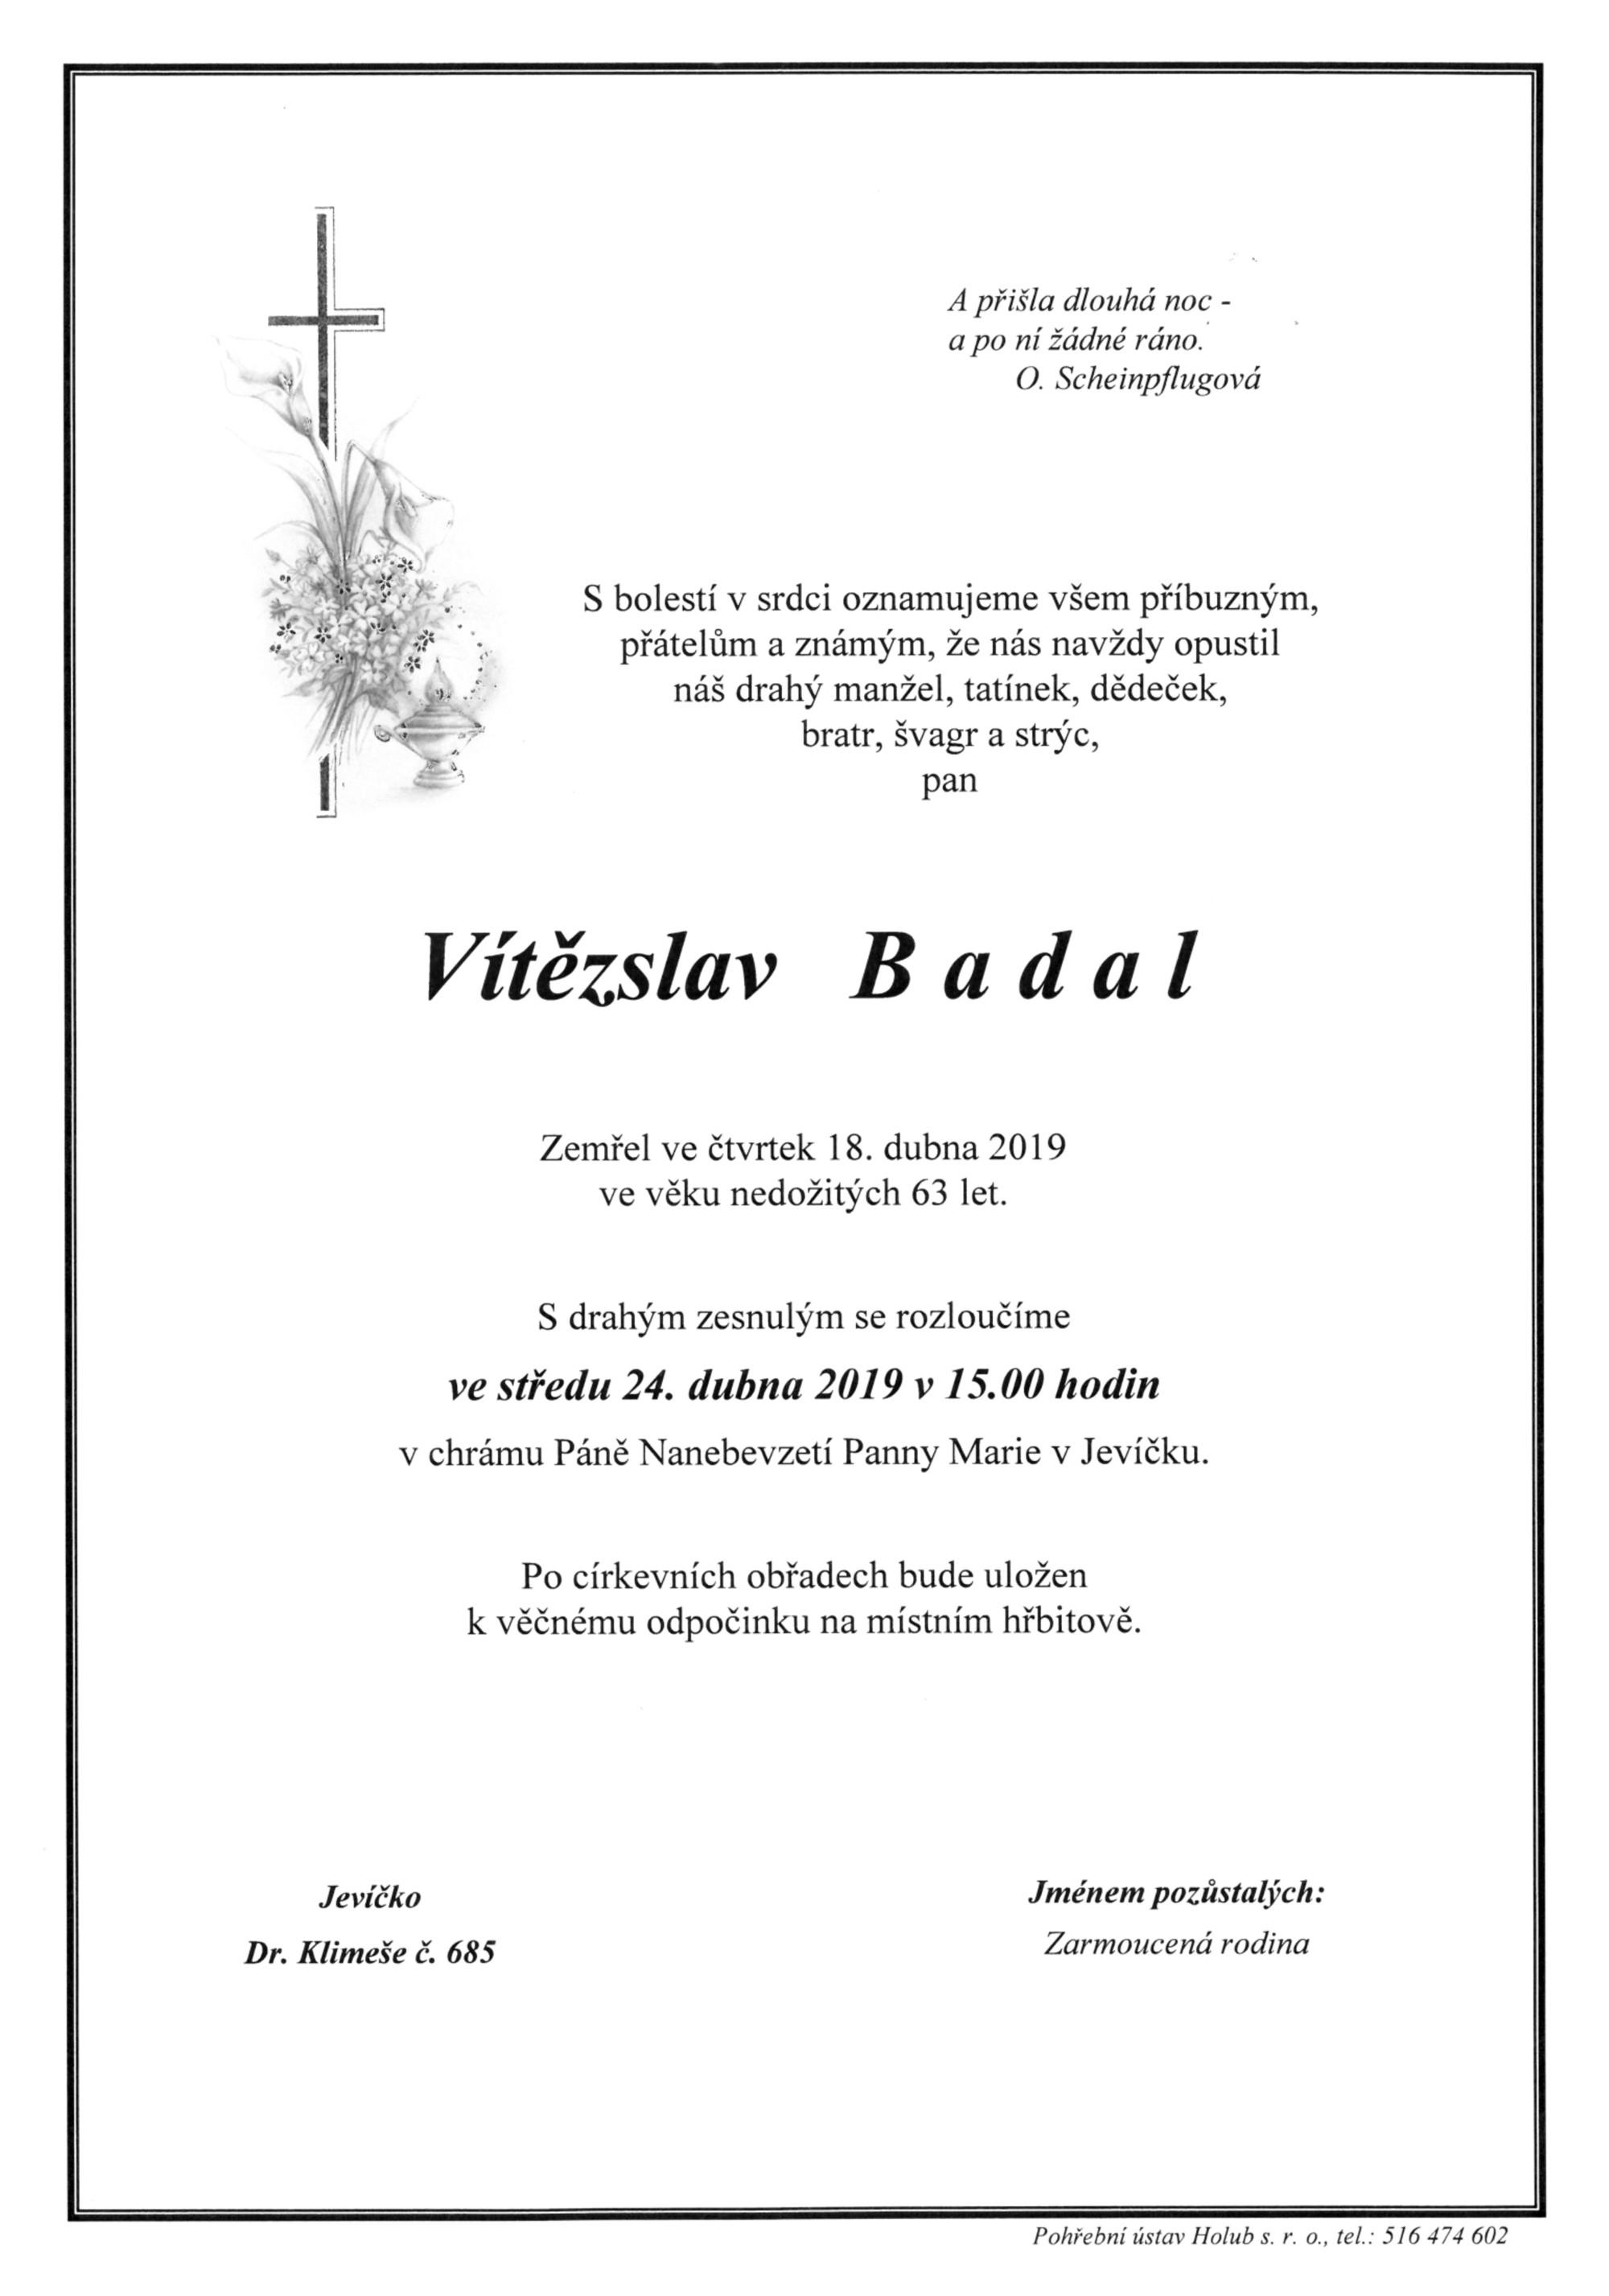 Vítězslav Badal